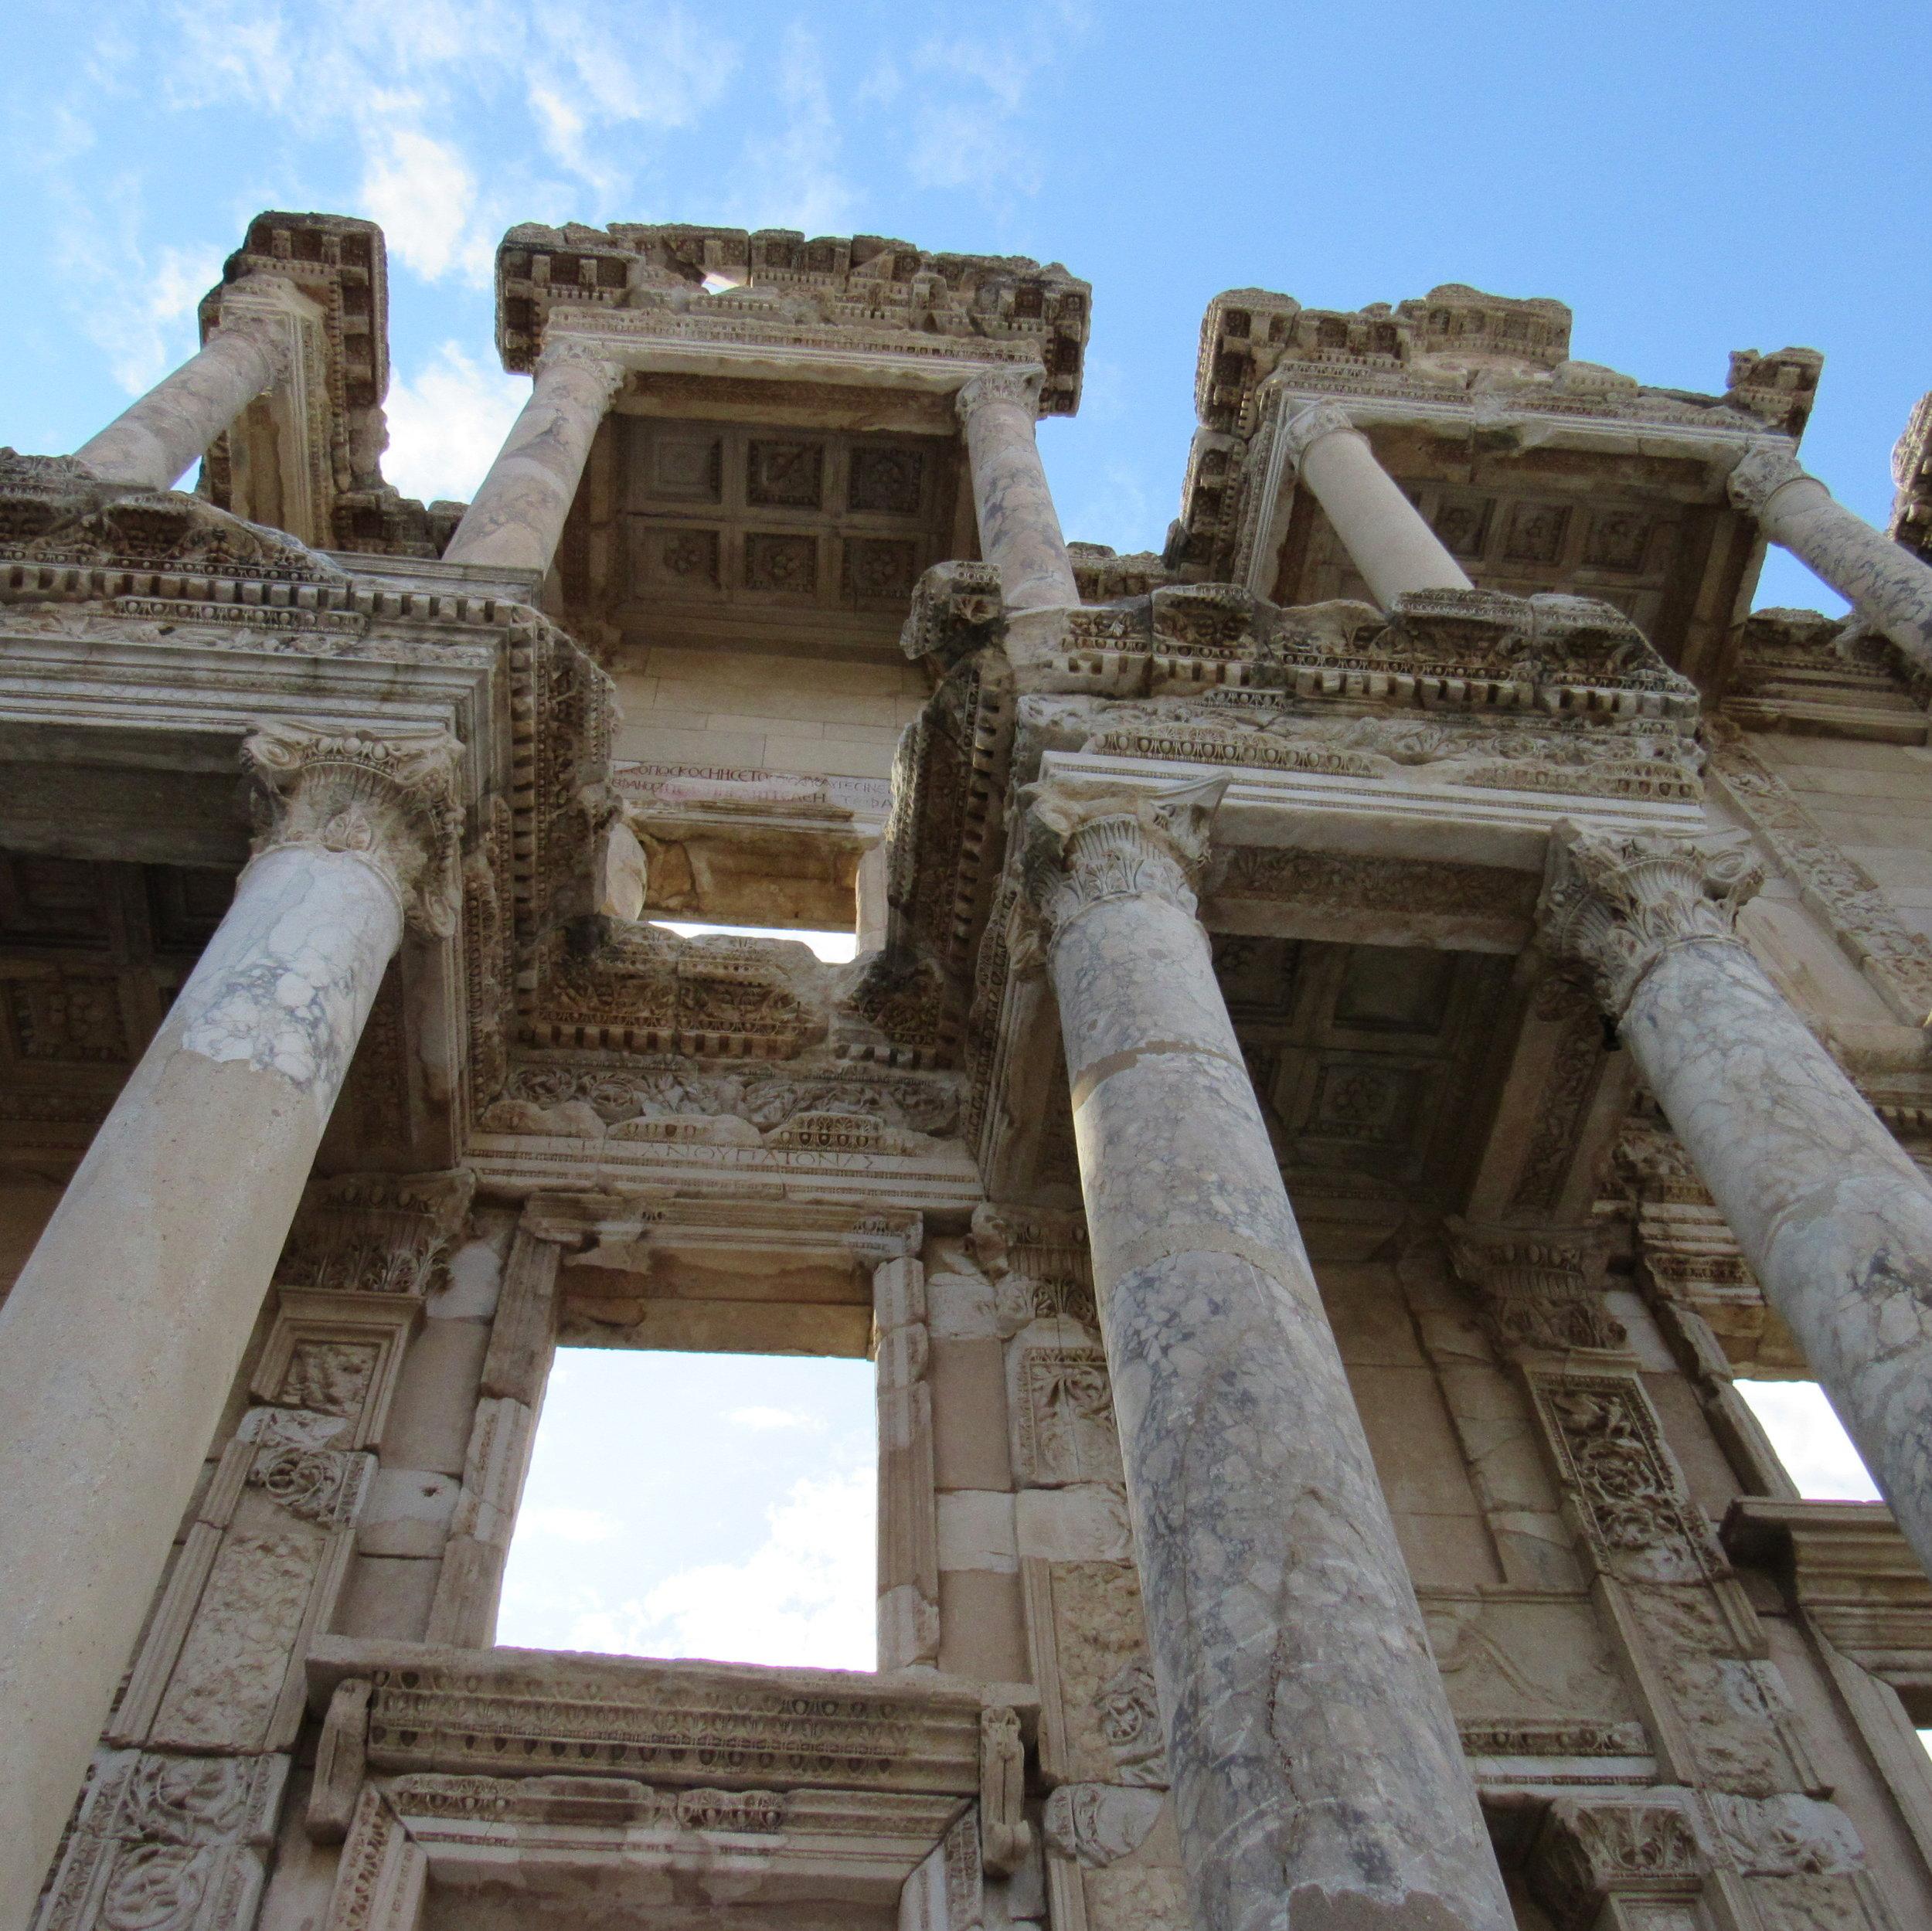 Library of Celsus in Ephesus, Turkey.